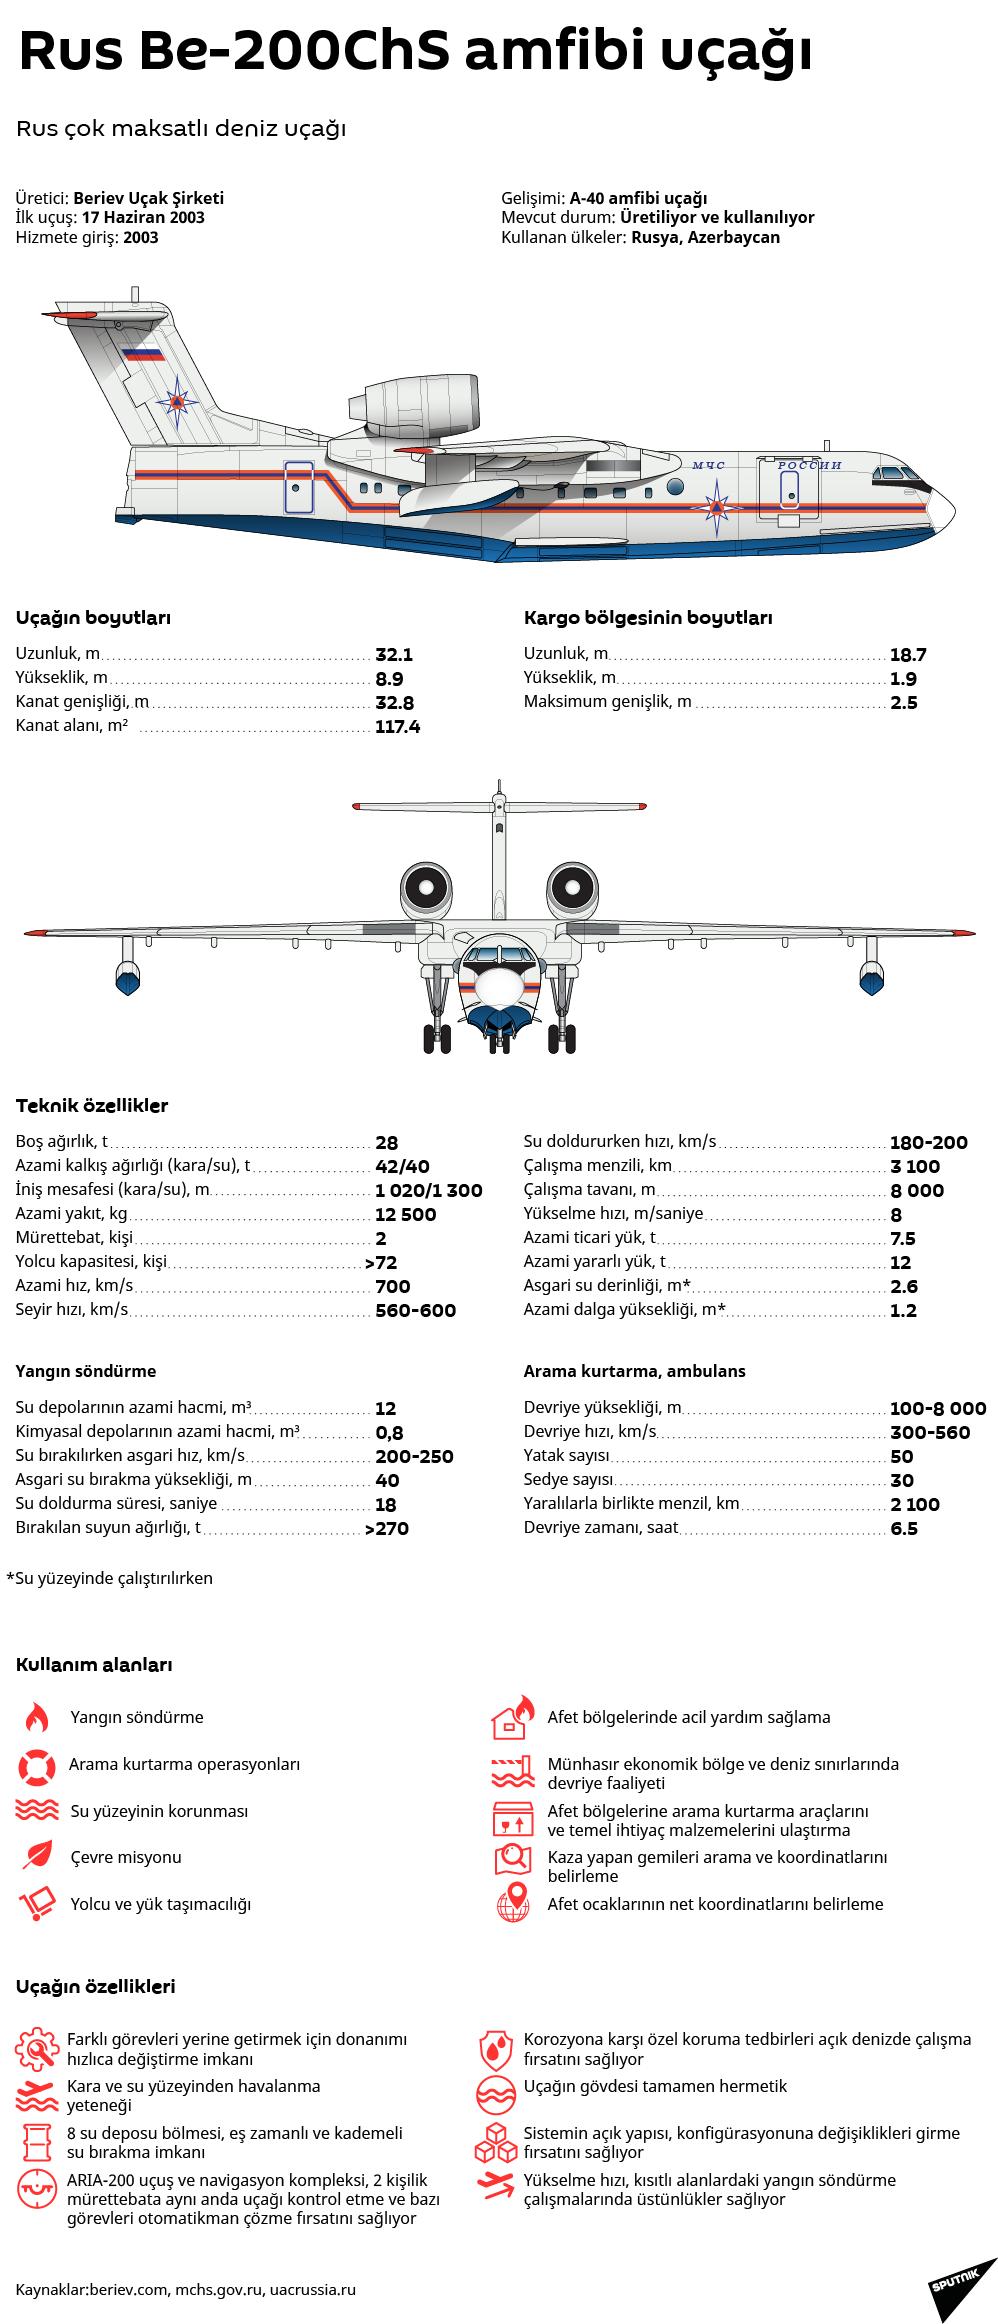 Türkiye'nin ilgi gösterdiği BE-200 uçağı